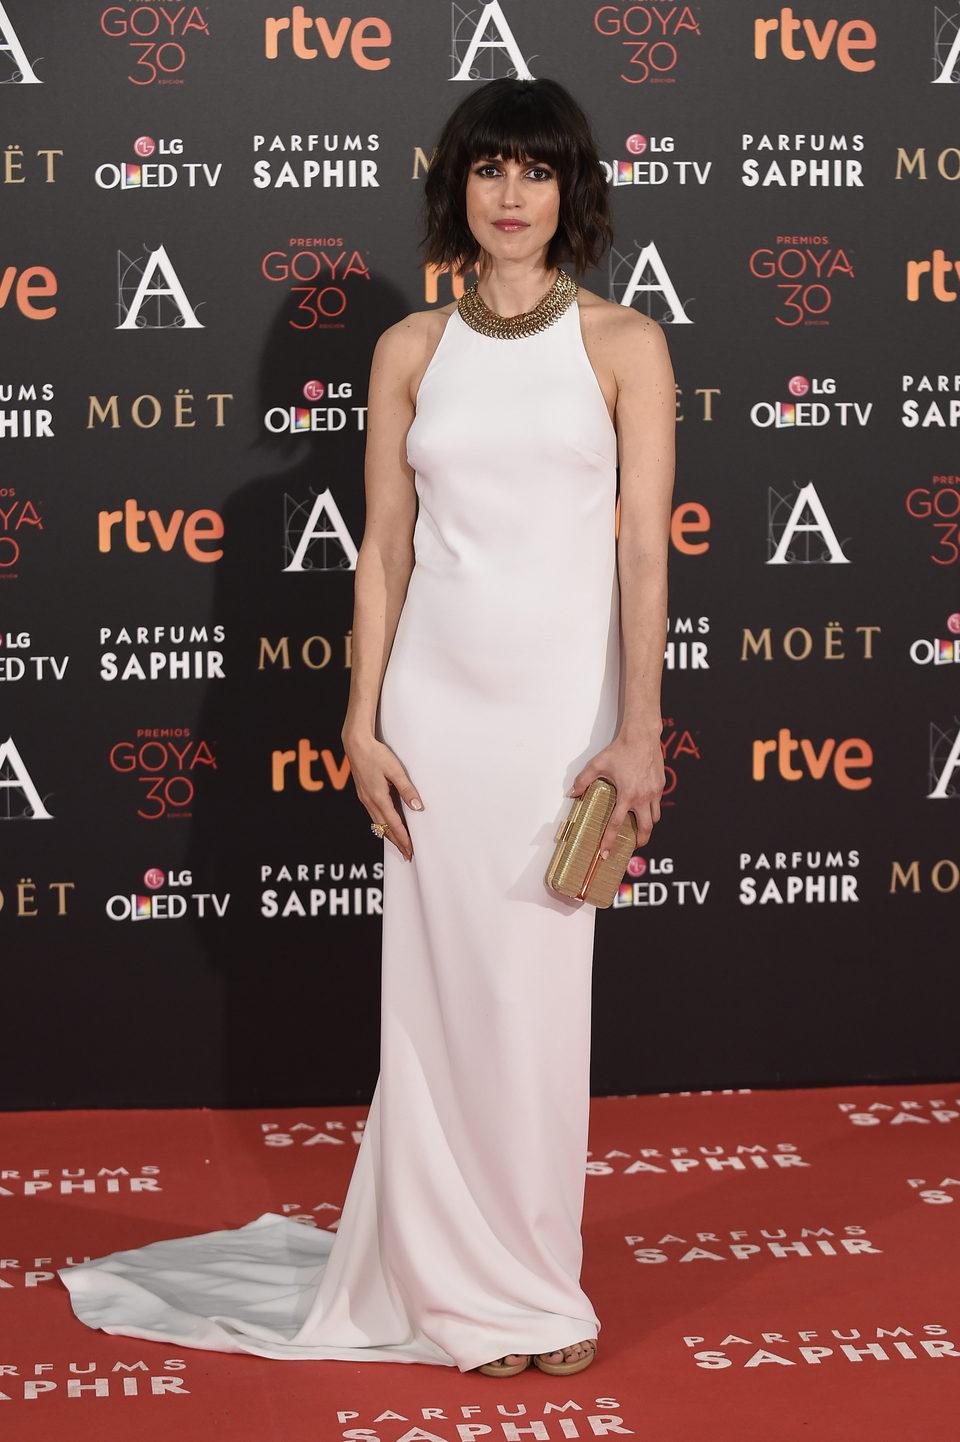 Nerea Barros en la alfombra roja de los Premios Goya 2016